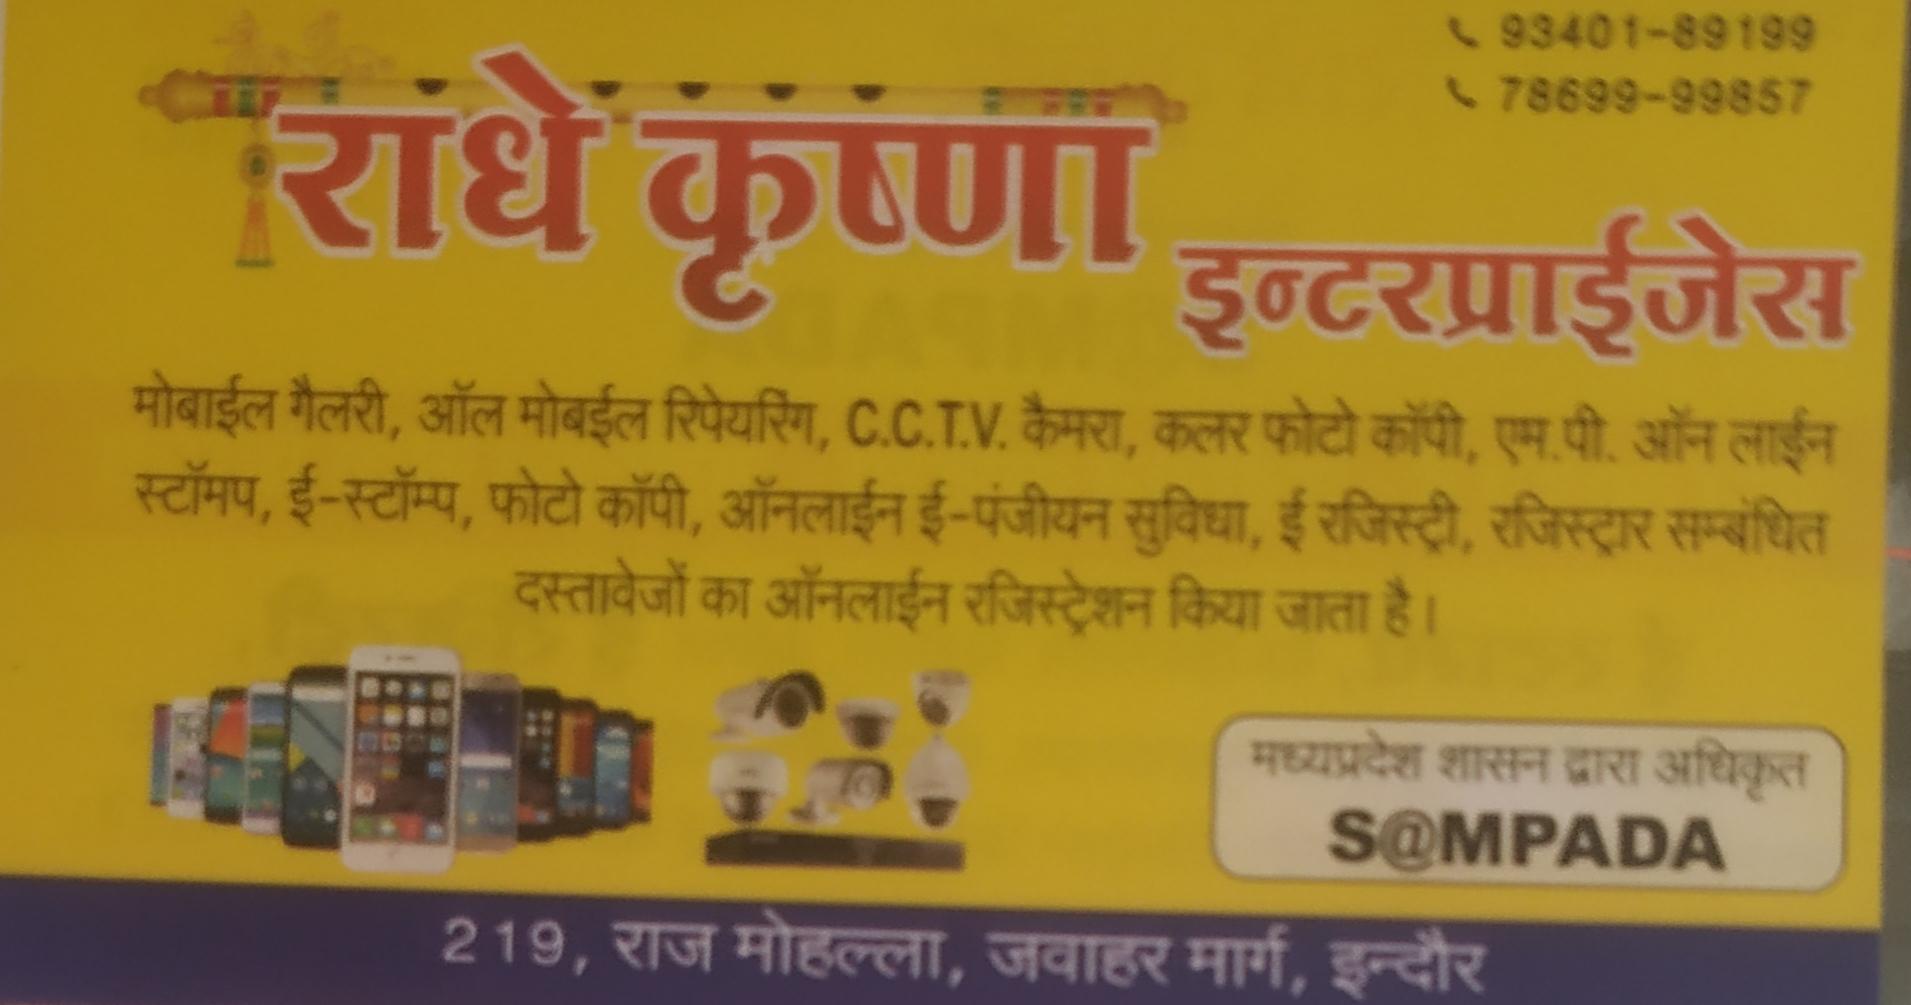 Radhe Krishna enterprises